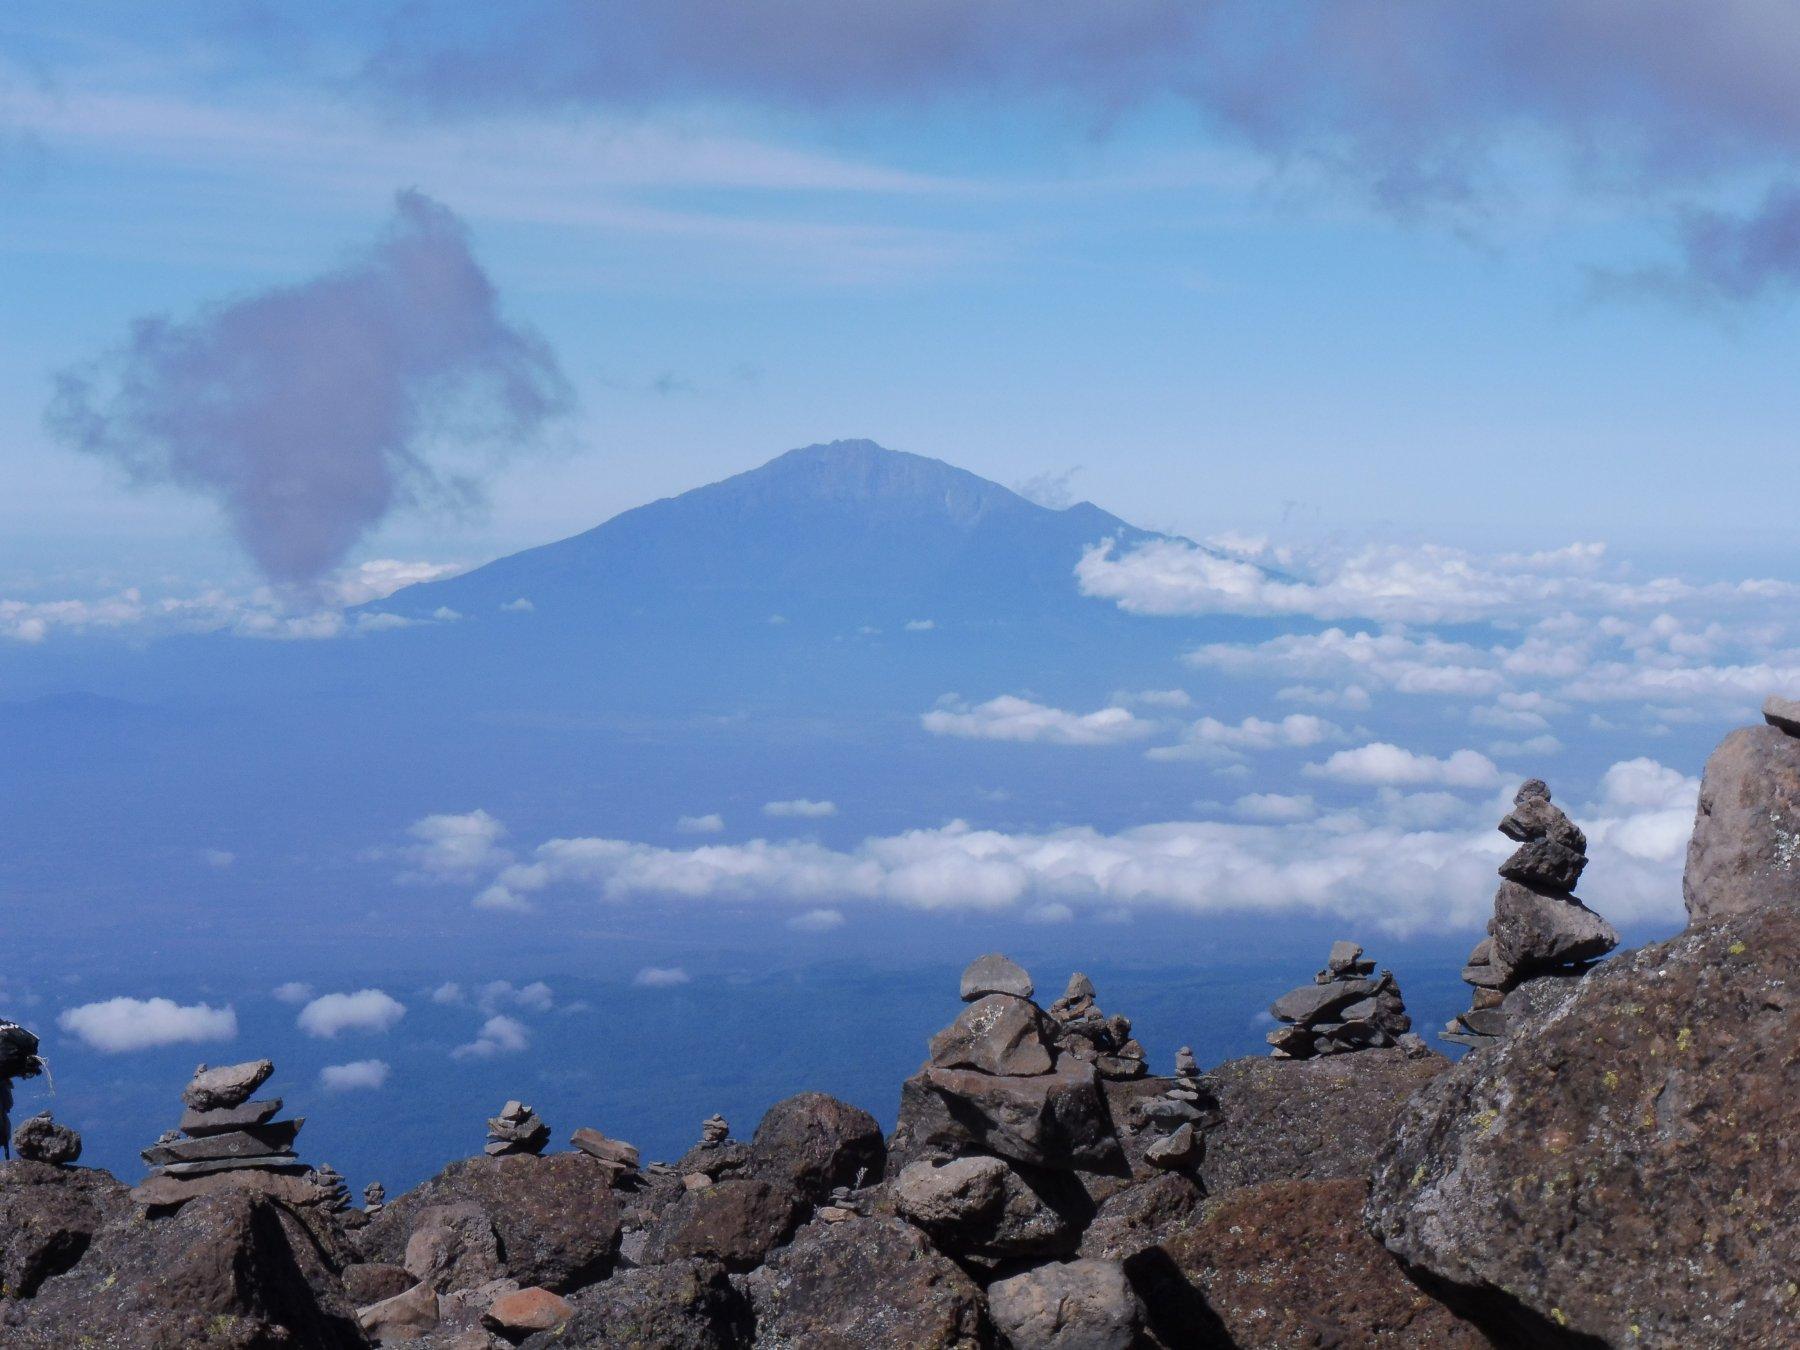 uno sguardo verso il Monte Meru a ovest del Kilimanjaro